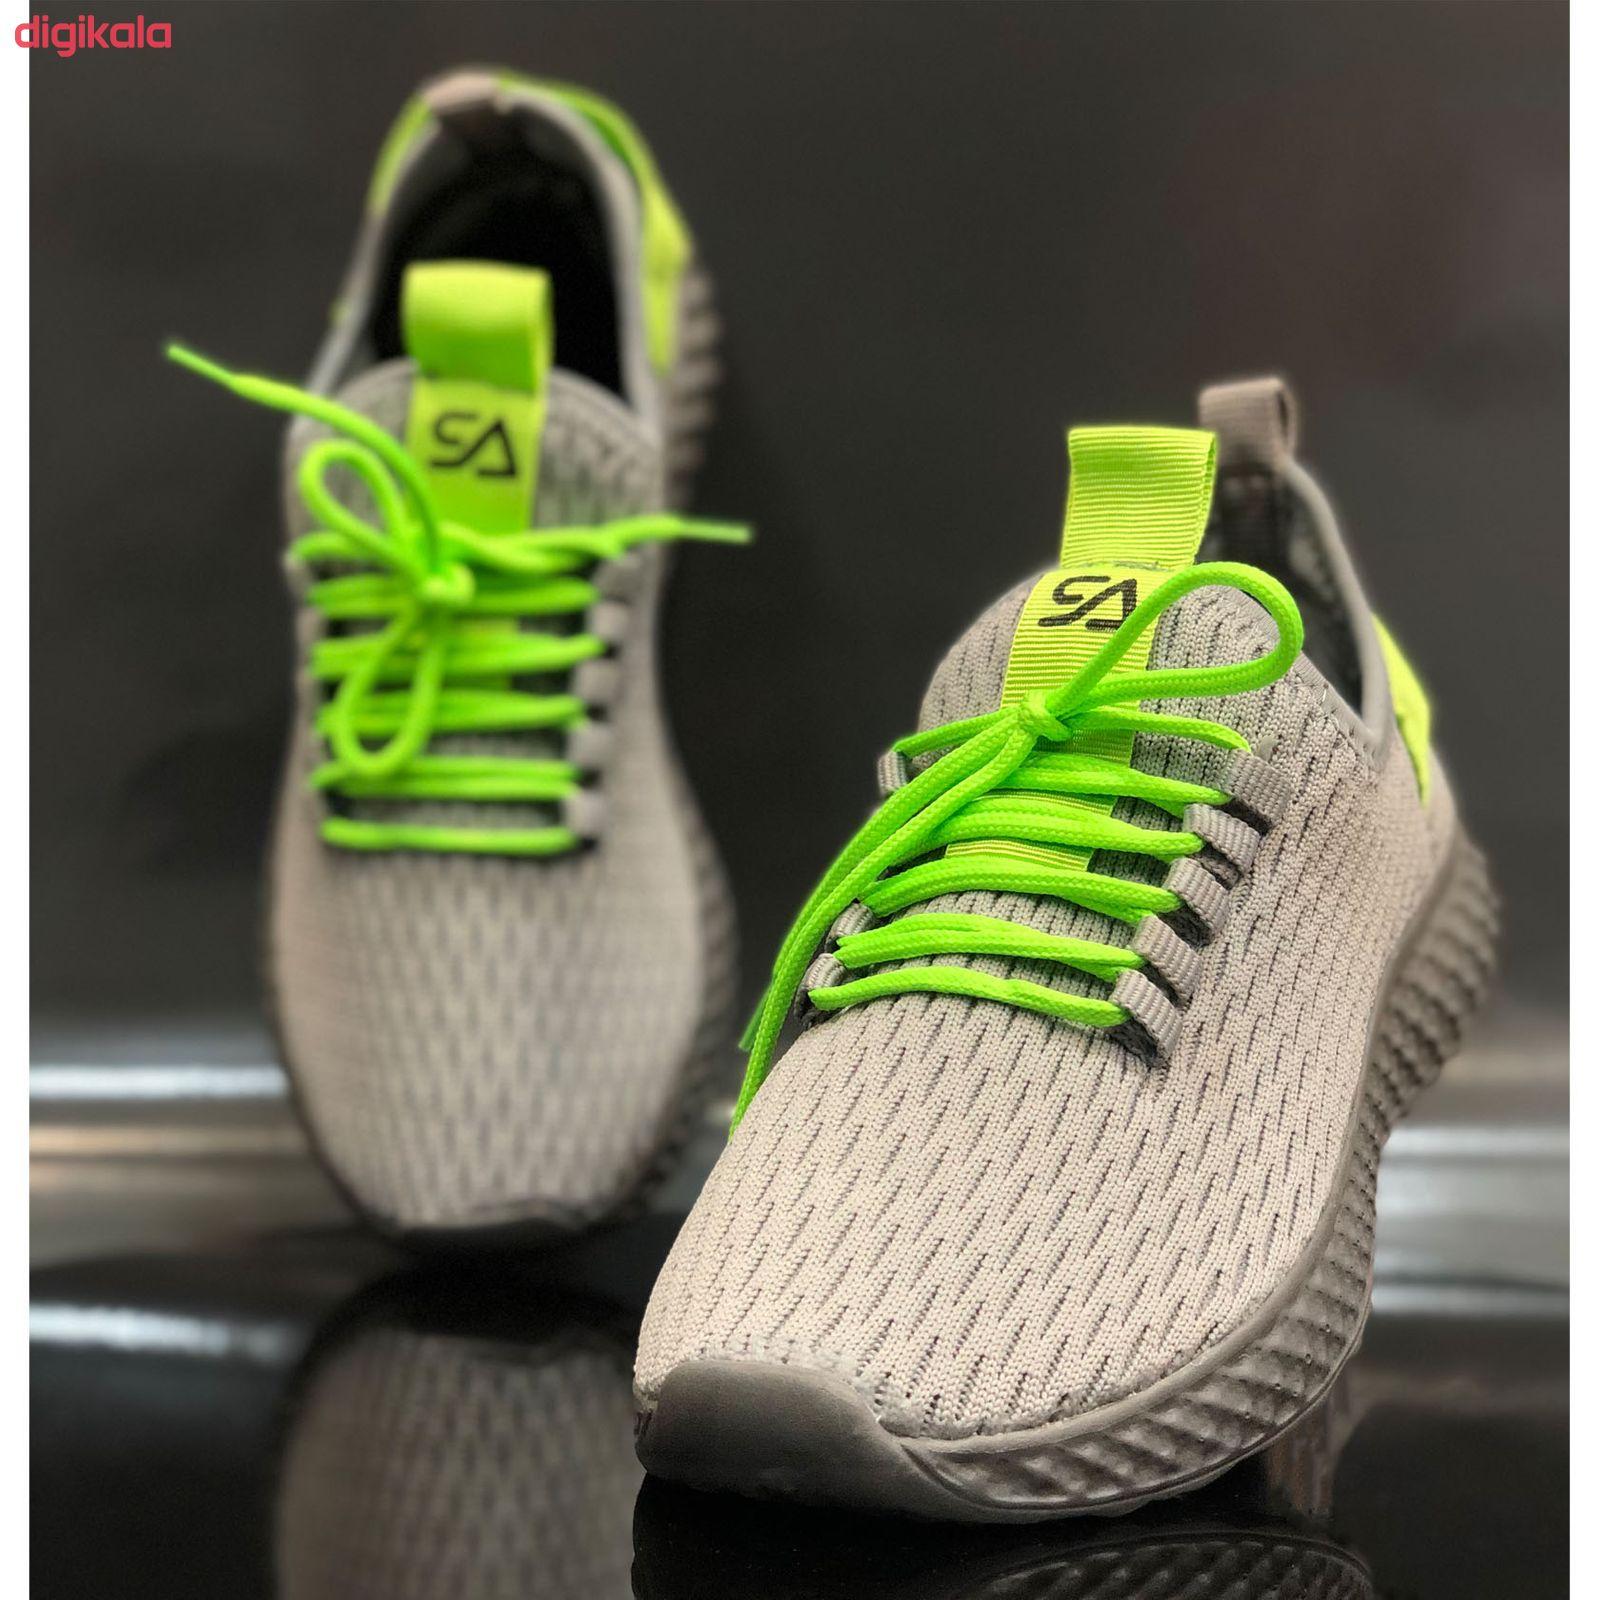 کفش اسکیت برد کفش سعیدی مدل Sa 8000 main 1 5